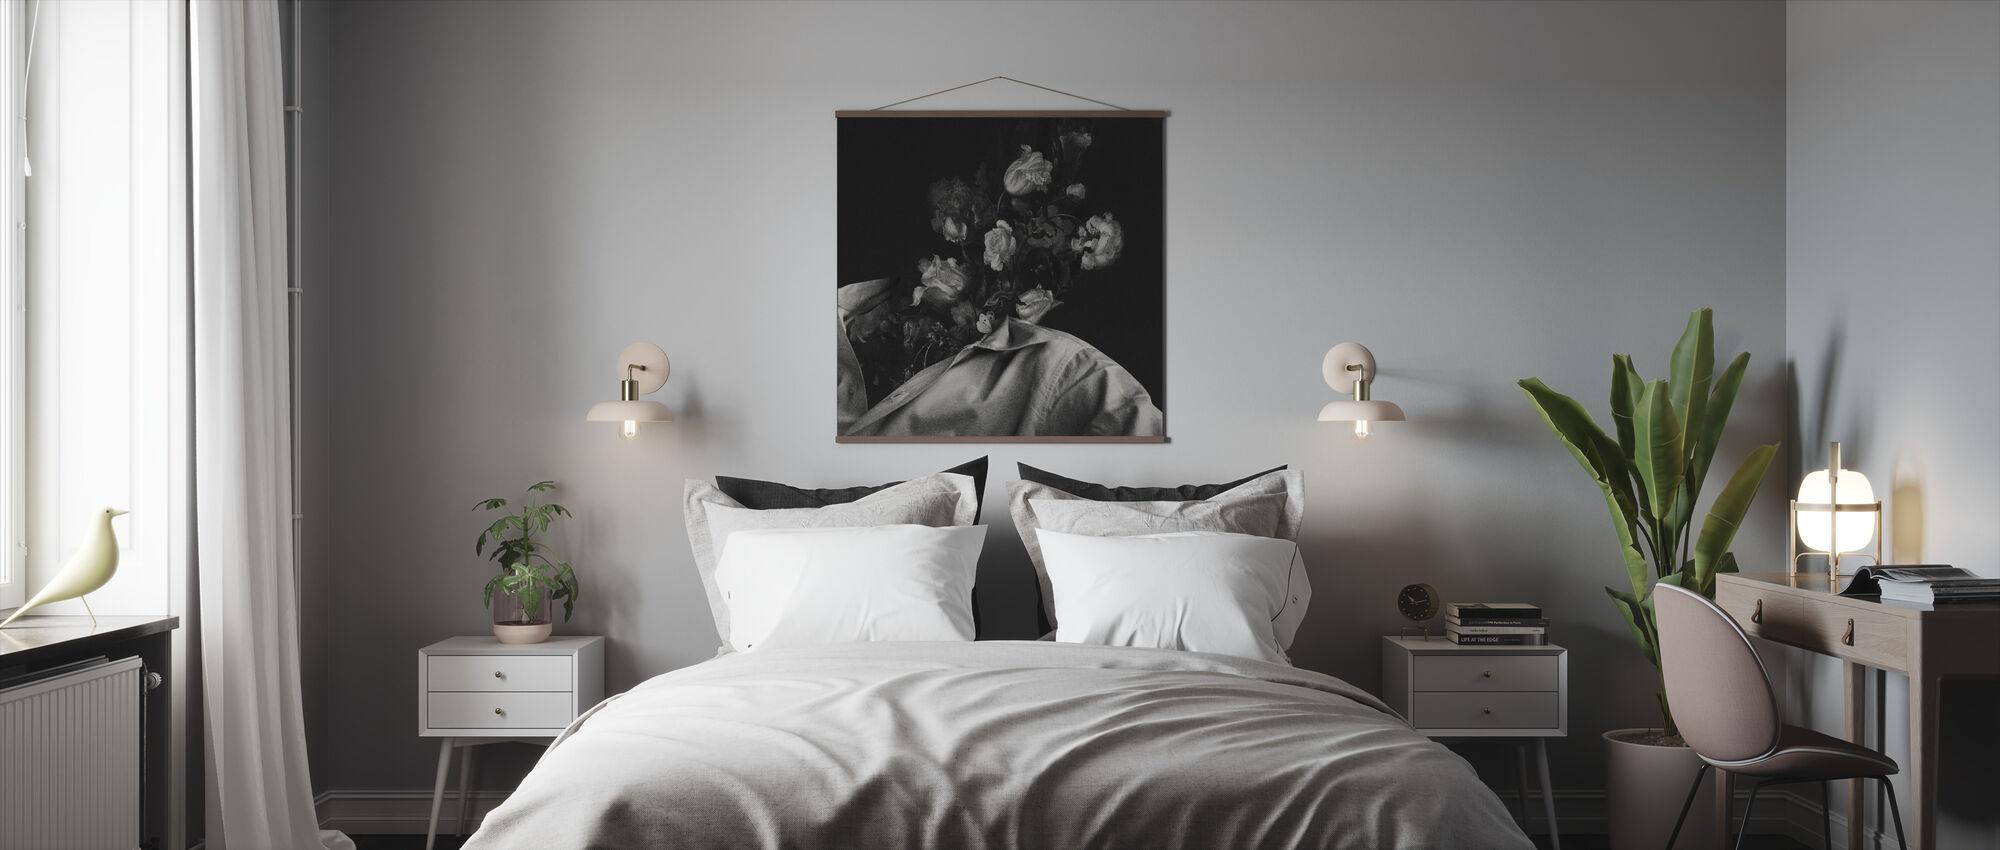 In Bloom - Poster - Bedroom